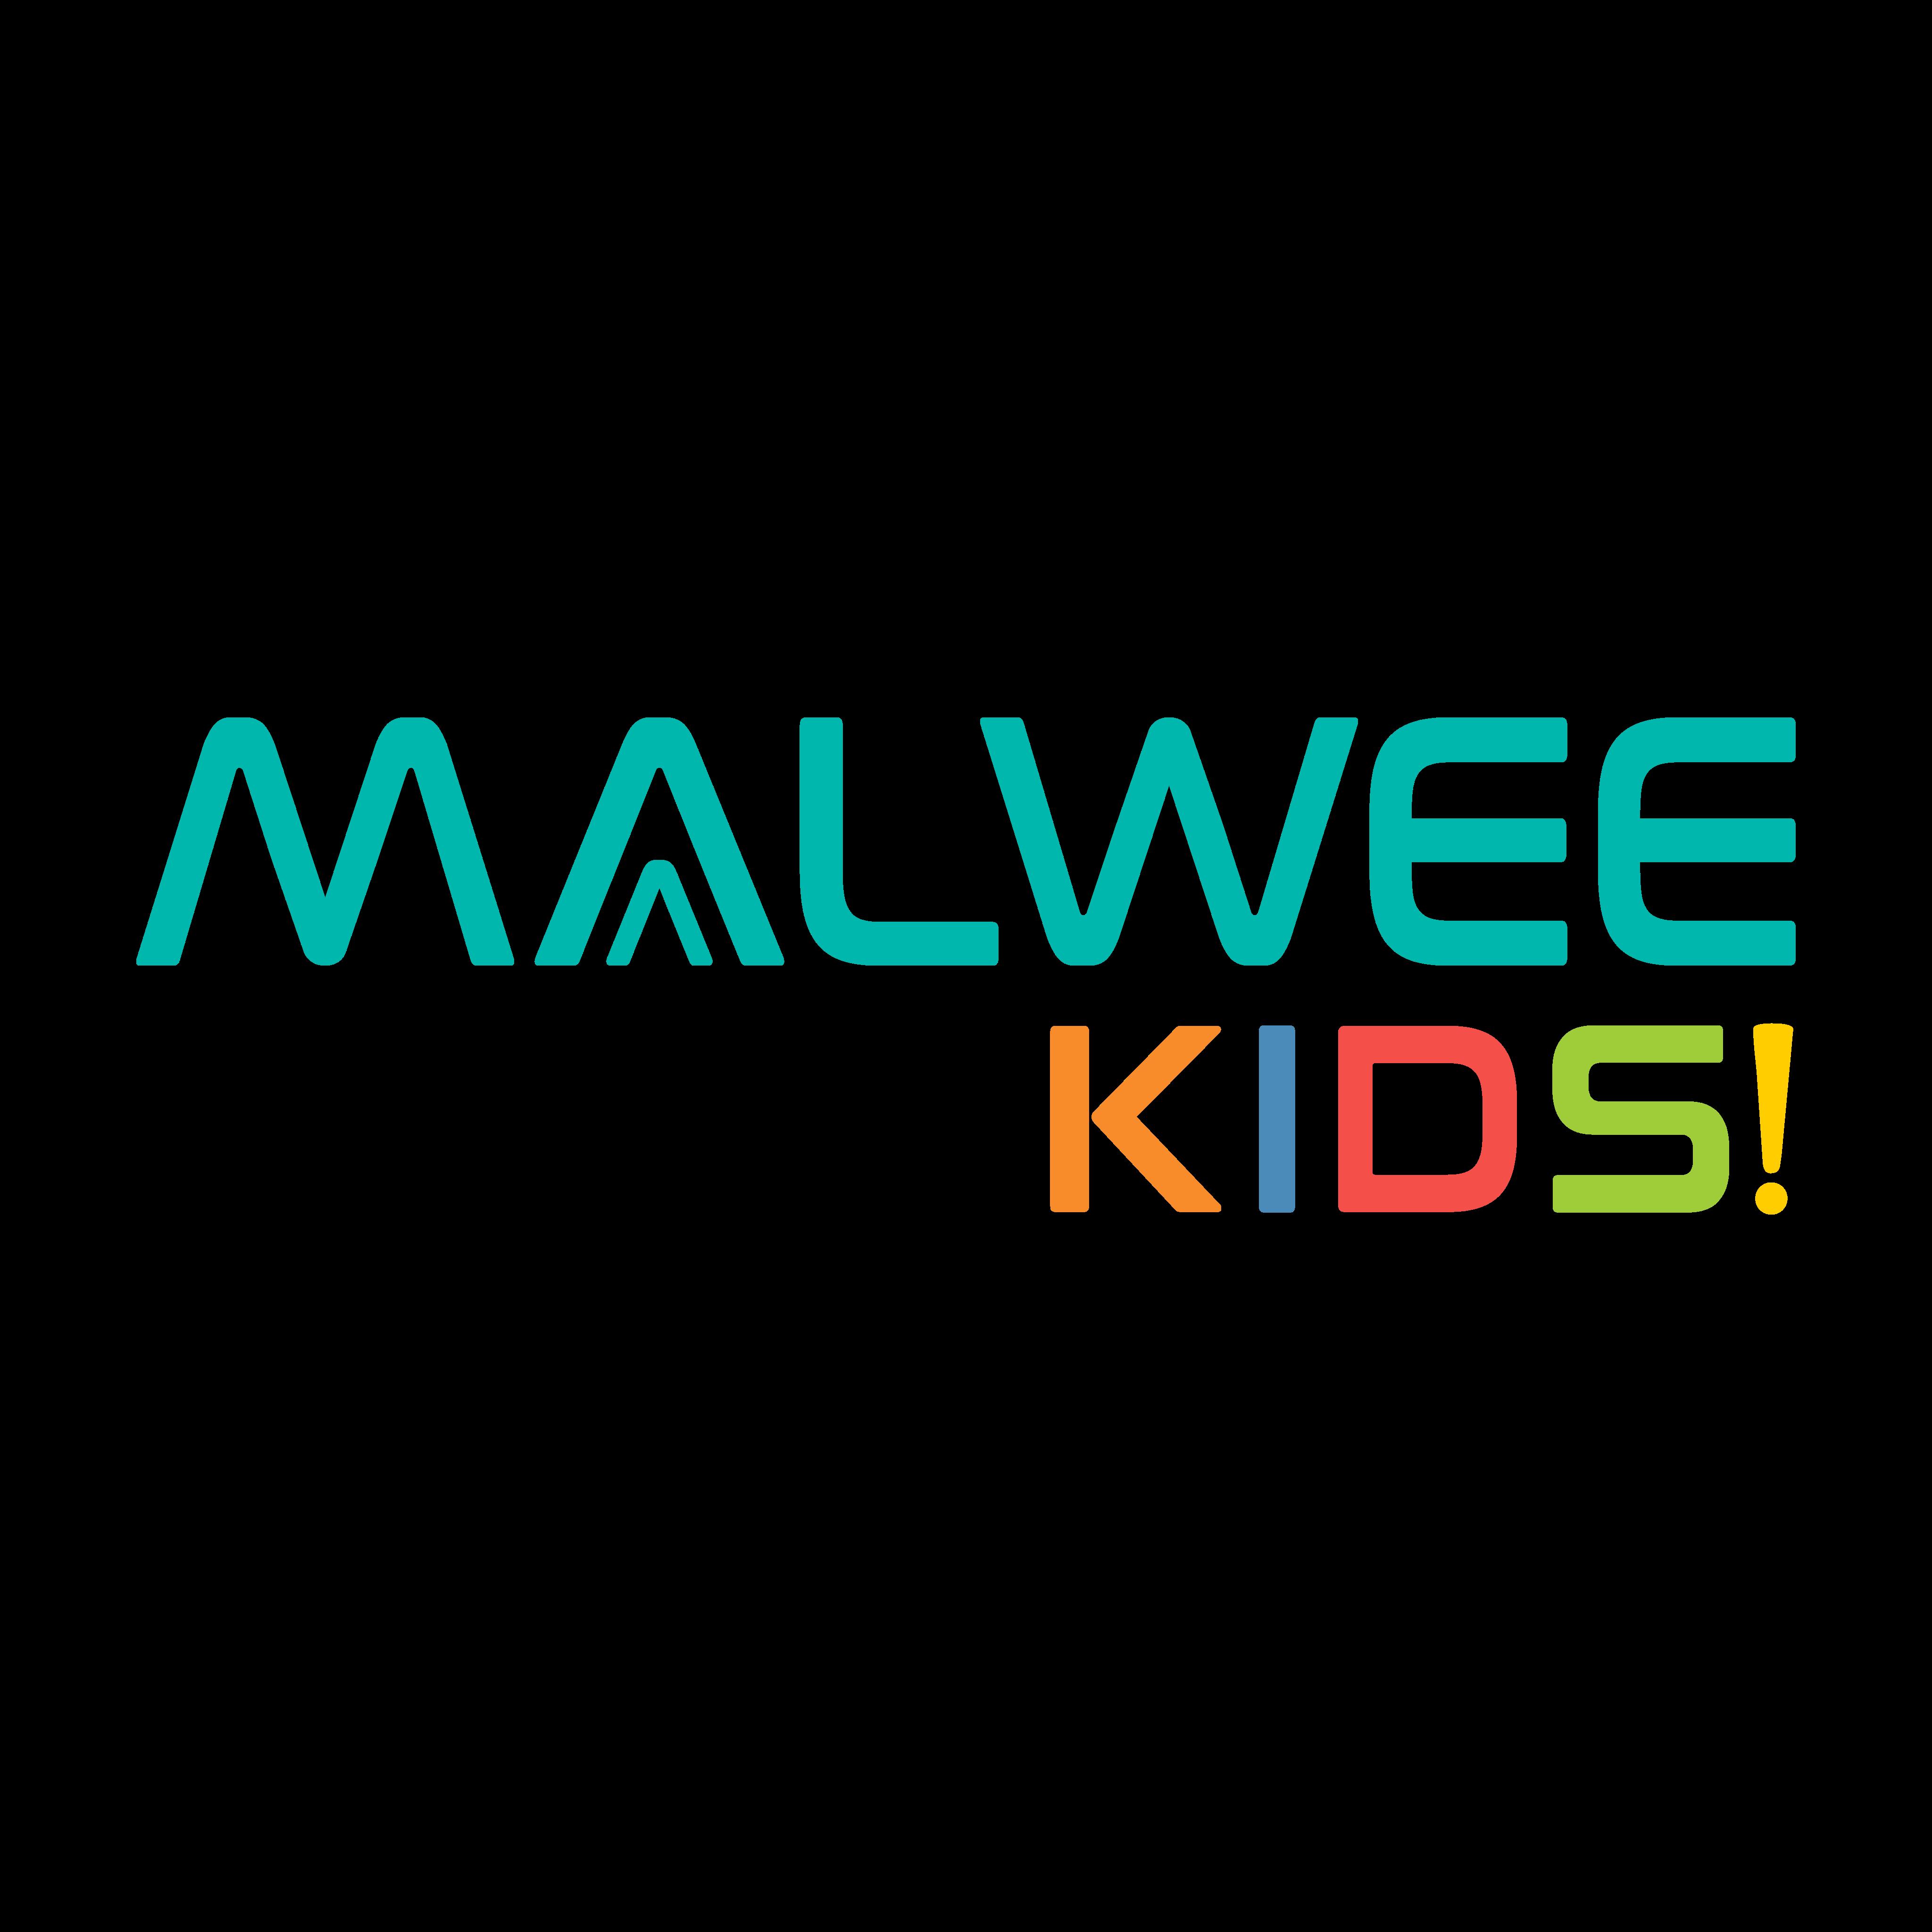 Malwee Kids Logo PNG.